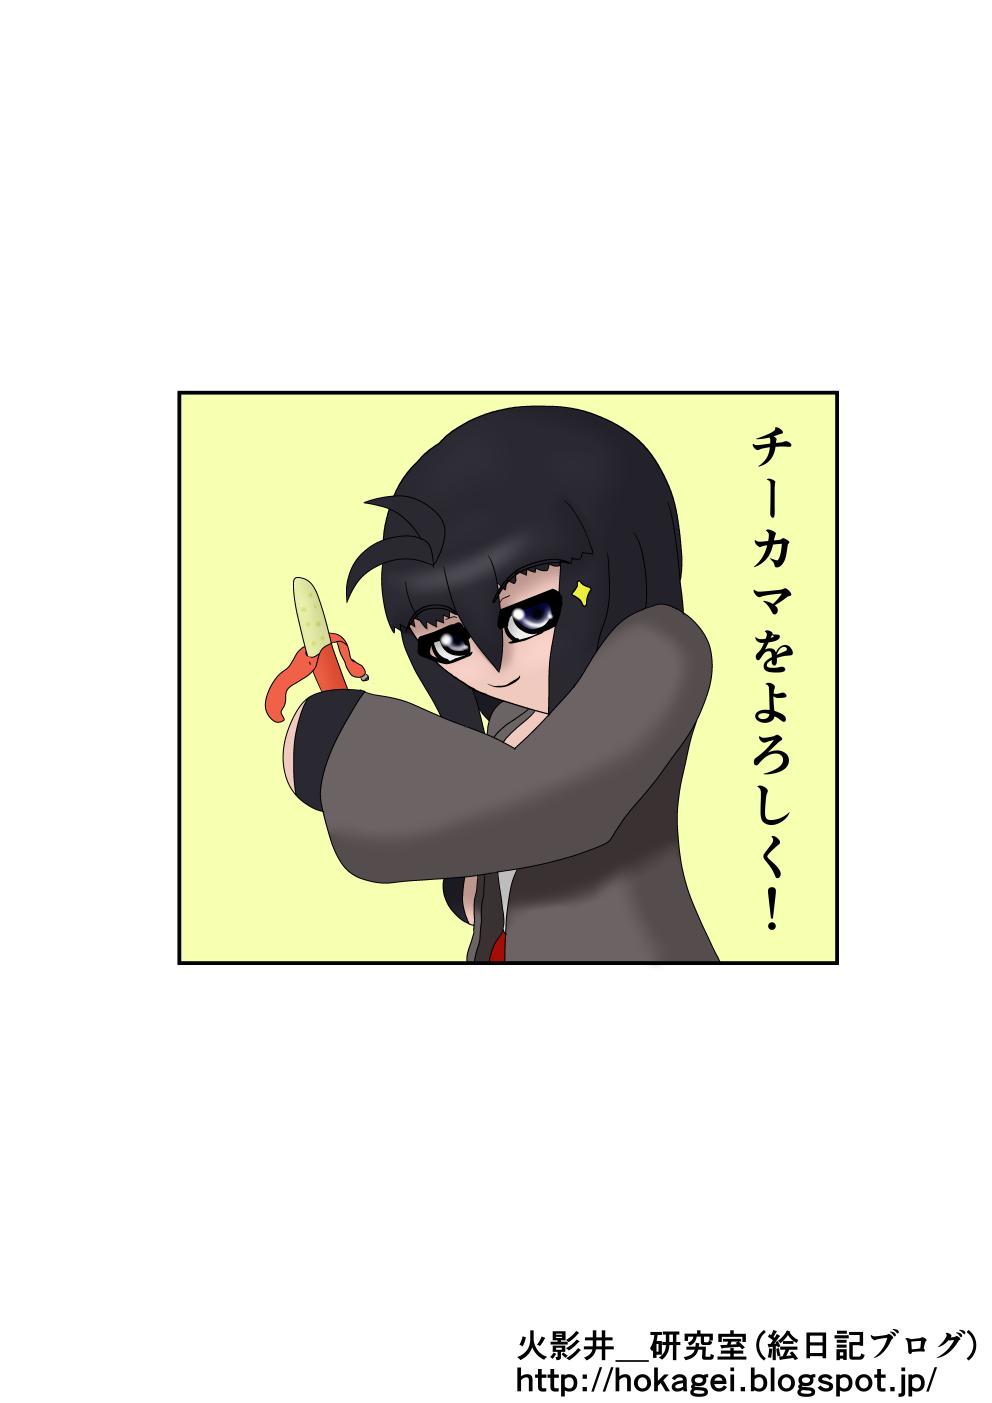 チーカマをよろしく!(八雲楓)